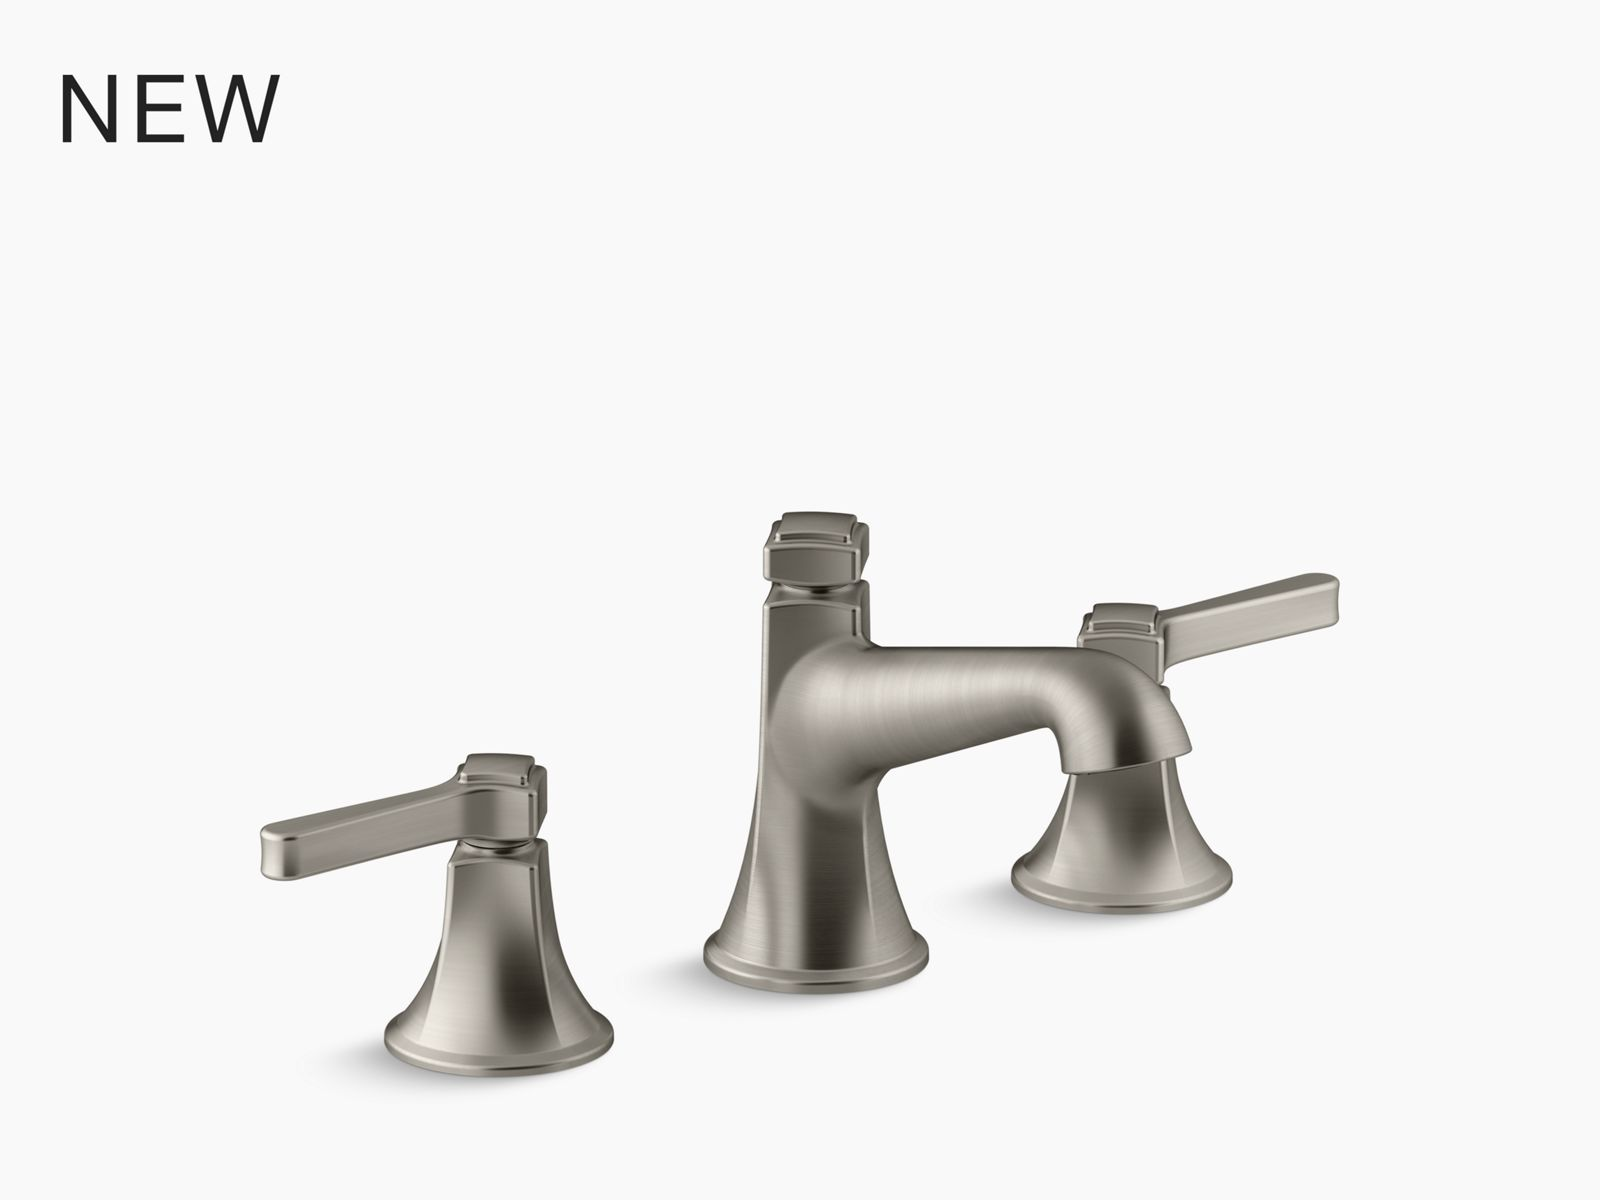 loure widespread bathroom sink faucet